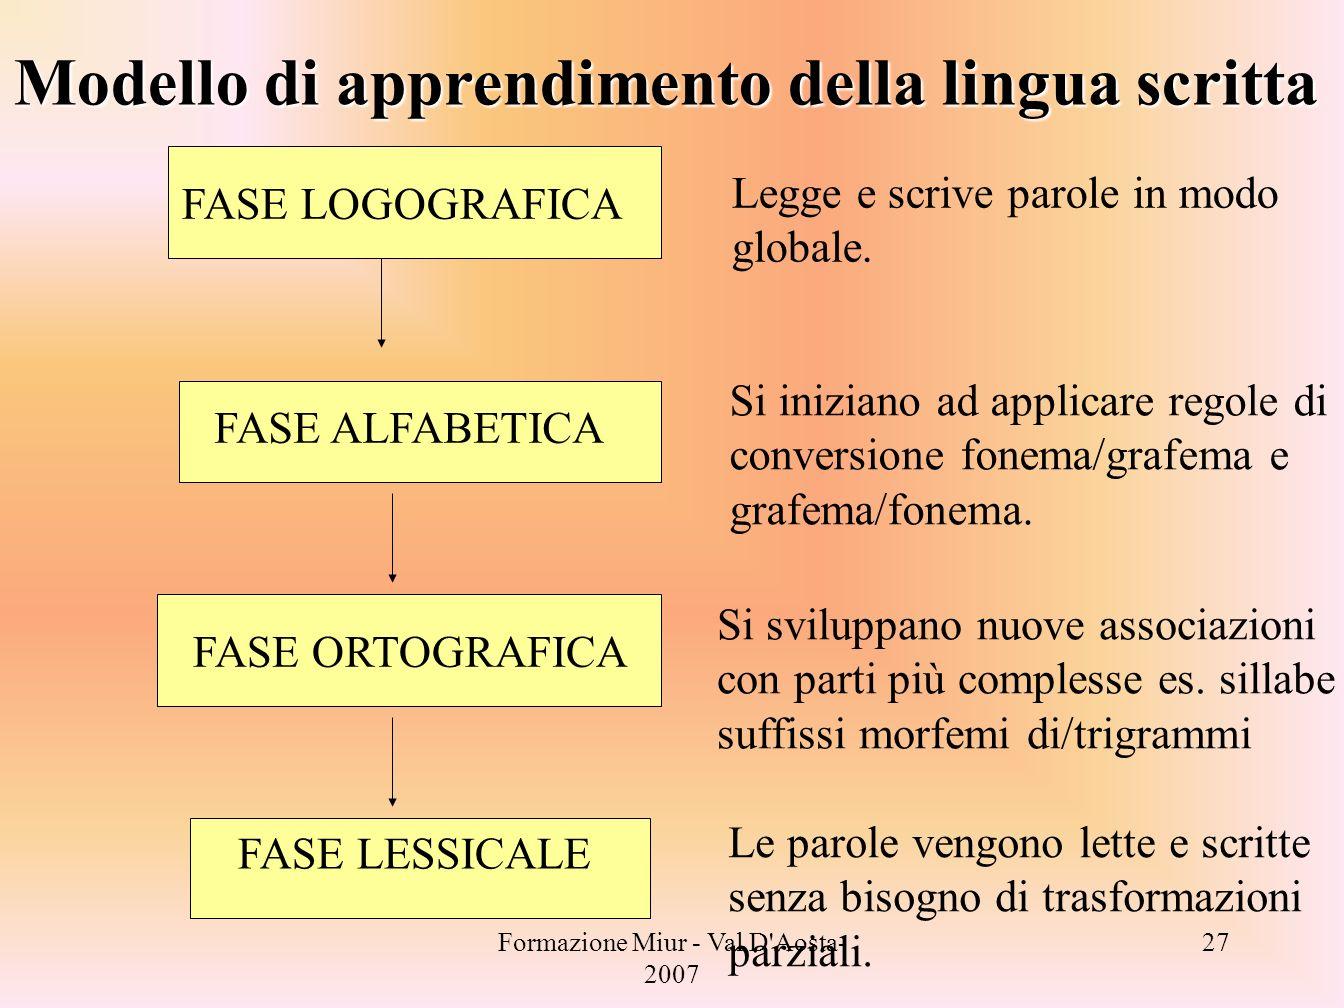 Formazione Miur - Val D'Aosta- 2007 27 FASE LOGOGRAFICA FASE ALFABETICA FASE ORTOGRAFICA FASE LESSICALE Modello di apprendimento della lingua scritta